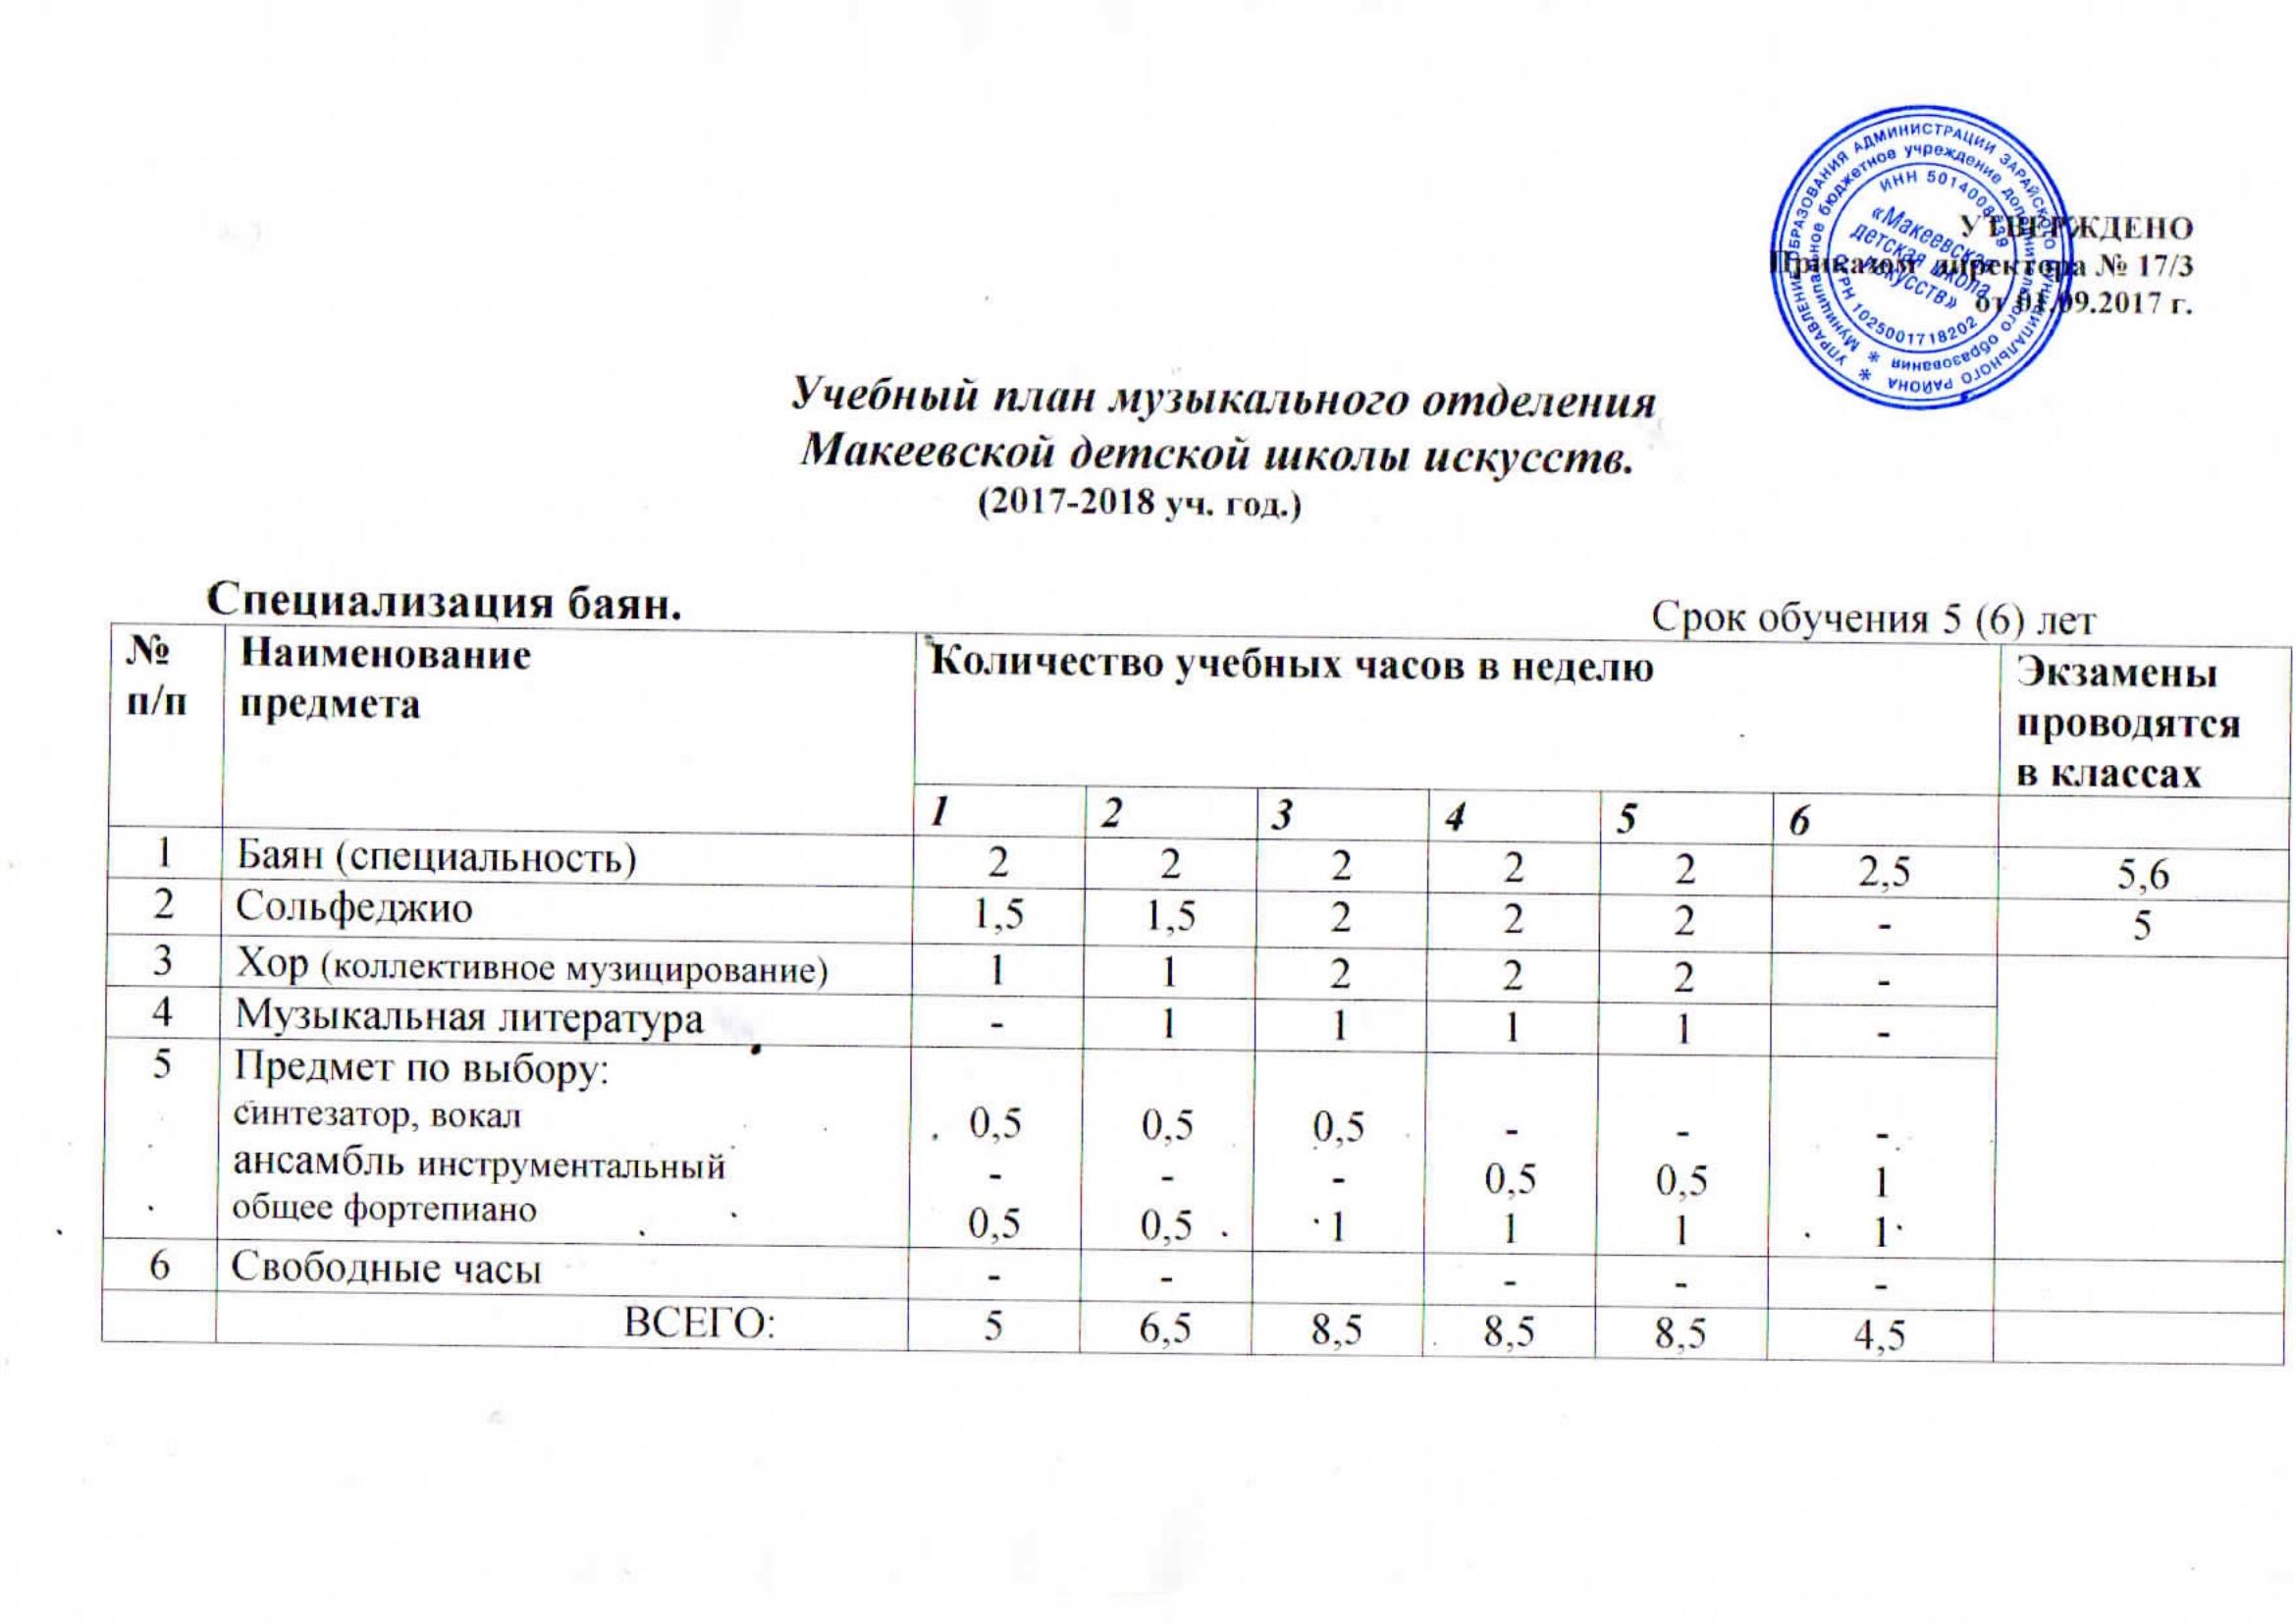 Z_САЙТ_scan111